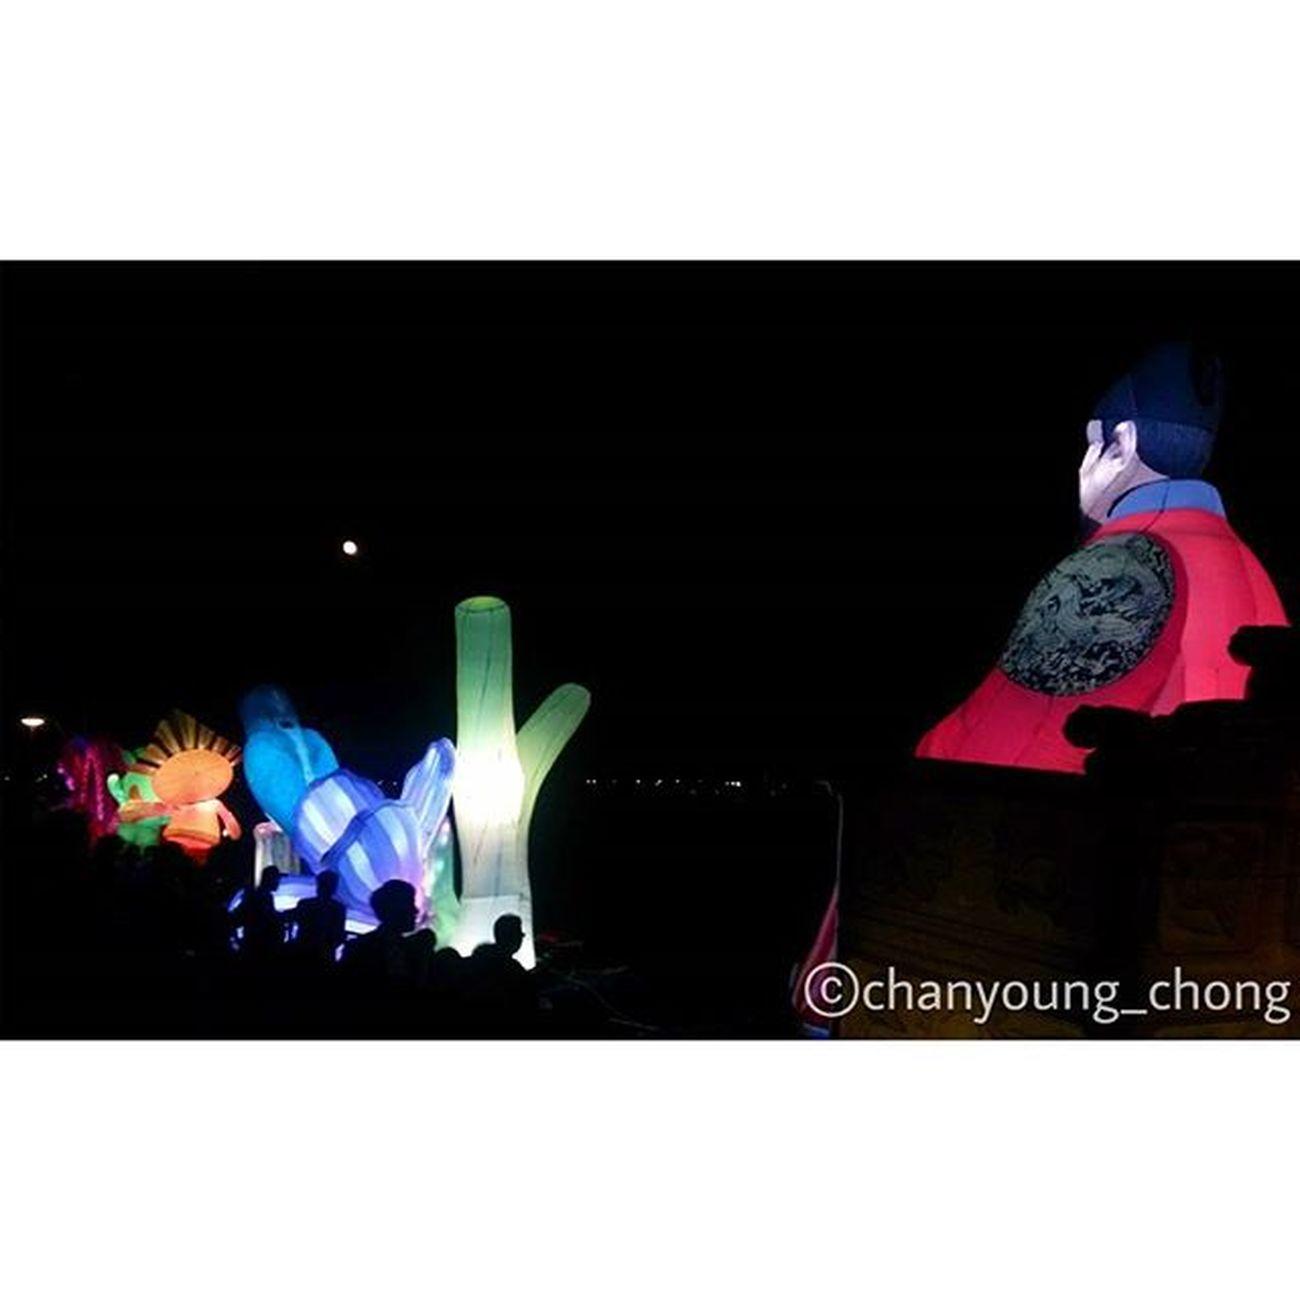 저거 뭐더라..빛나고 물위에 둥둥 떠다니는거..ㅠ 대한민국 세종 축제 세종축제 달 추억 가족들이랑 세종대왕 폰카메라 밤 사진 Korea Sejong Festival Moon Memory Reminisce Withfamily Sejongdaewang Light Kingsejong Phonecamera Night Photo